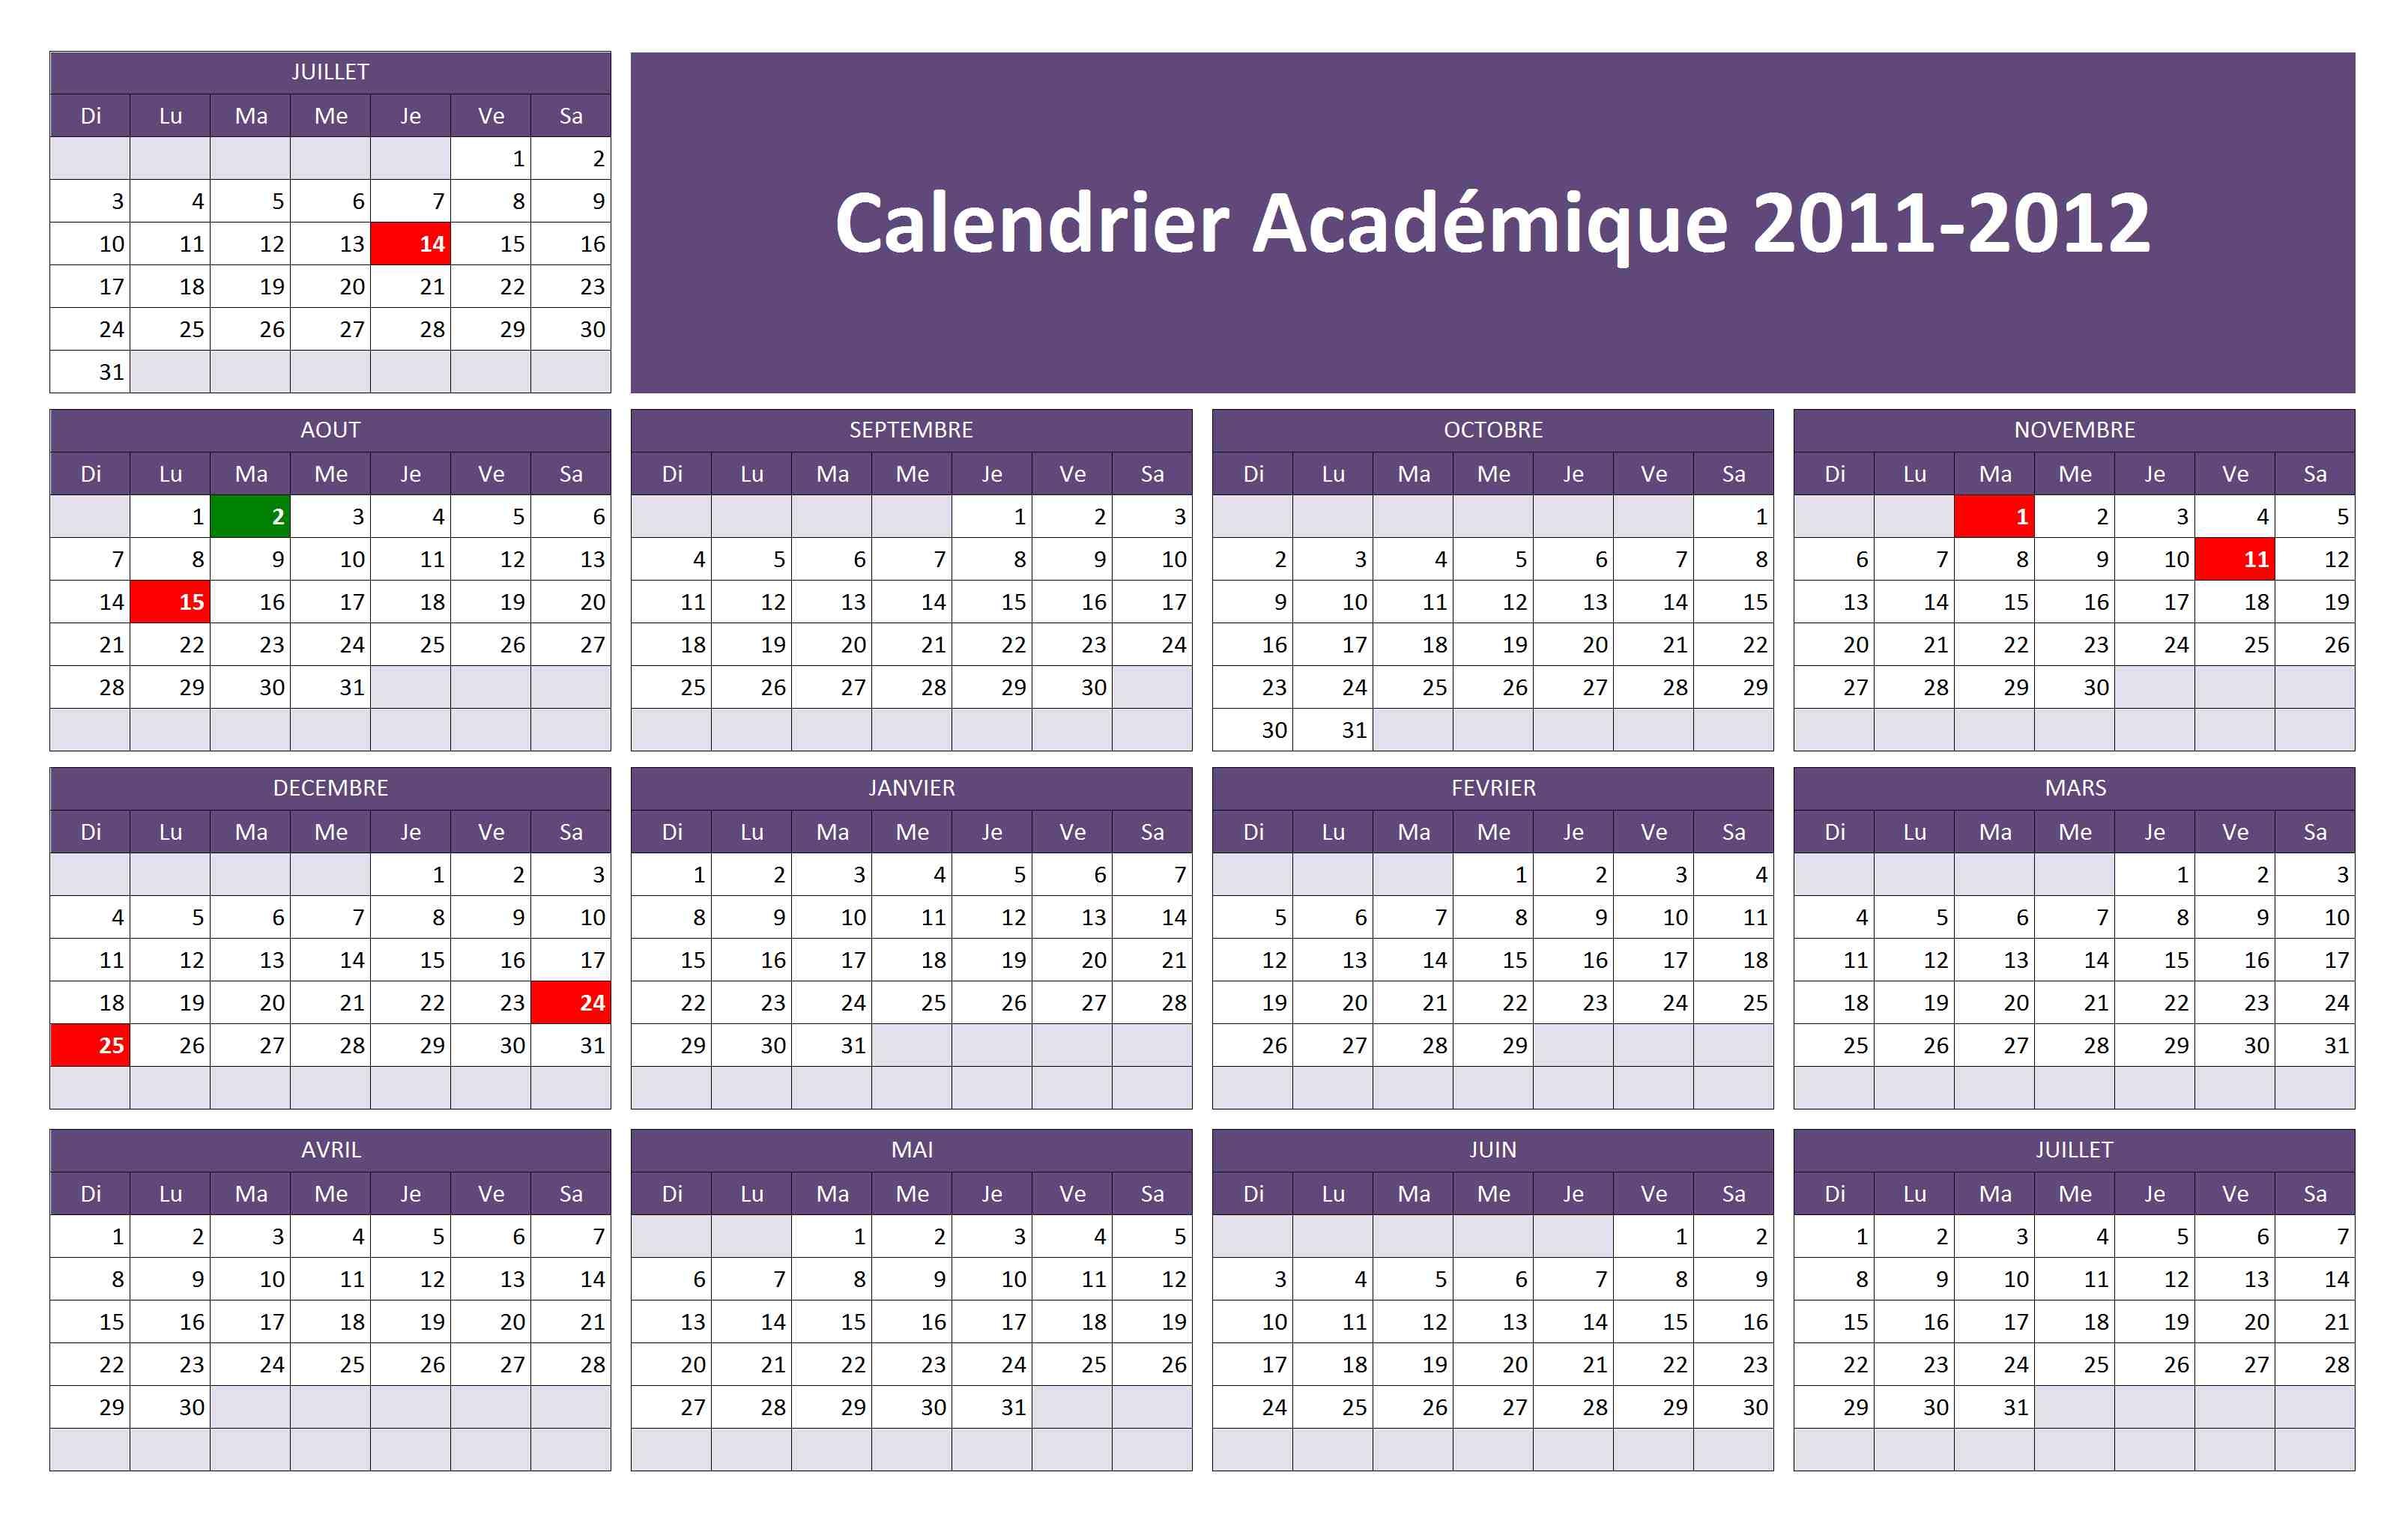 Calendrier-Académique-2011-2012